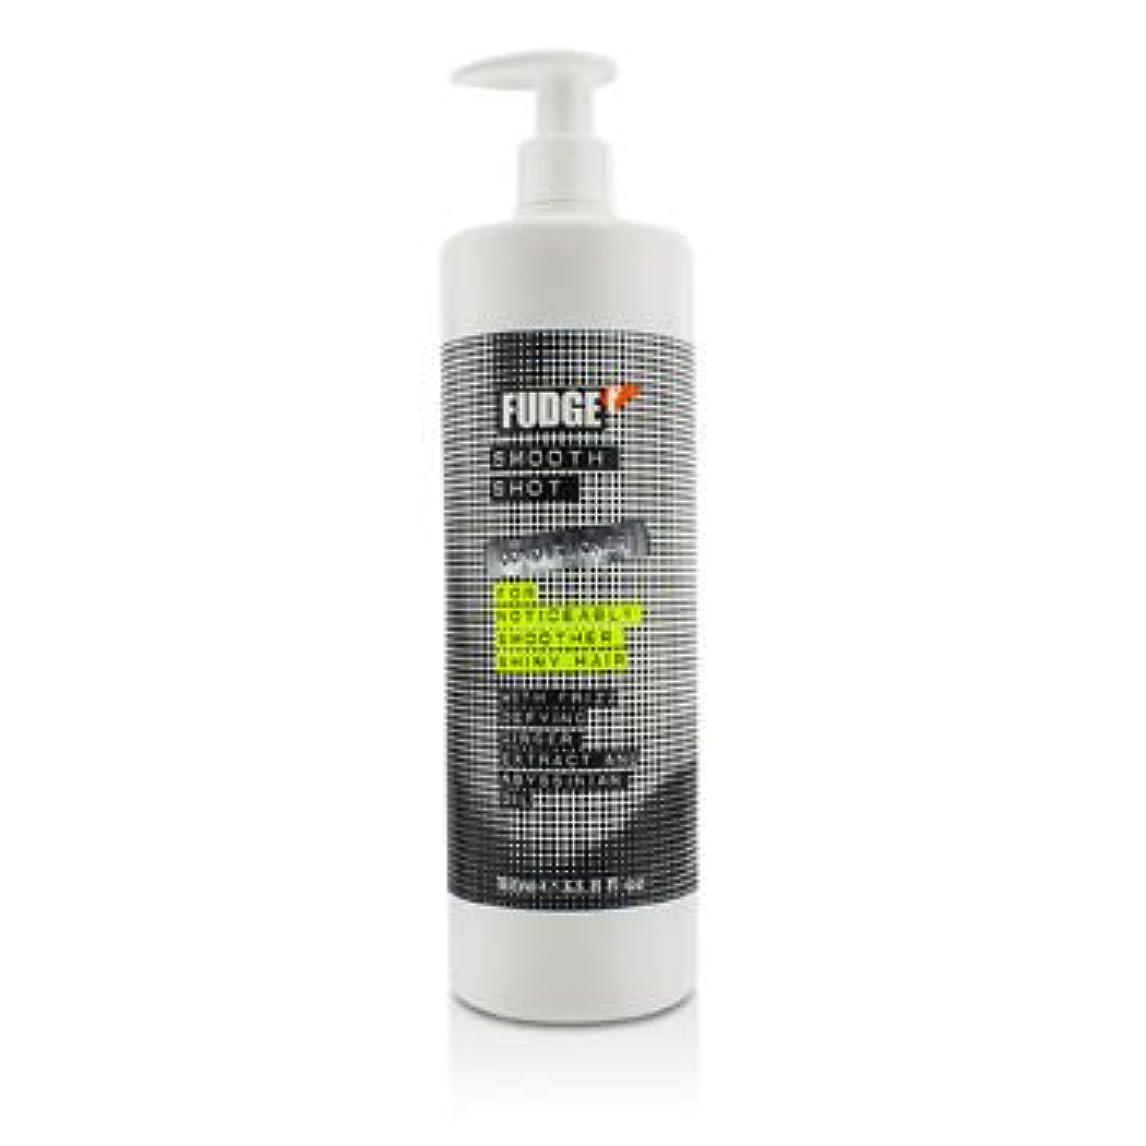 厚さ虚栄心装備する[Fudge] Smooth Shot Conditioner (For Noticeably Smoother Shiny Hair) 1000ml/33.8oz